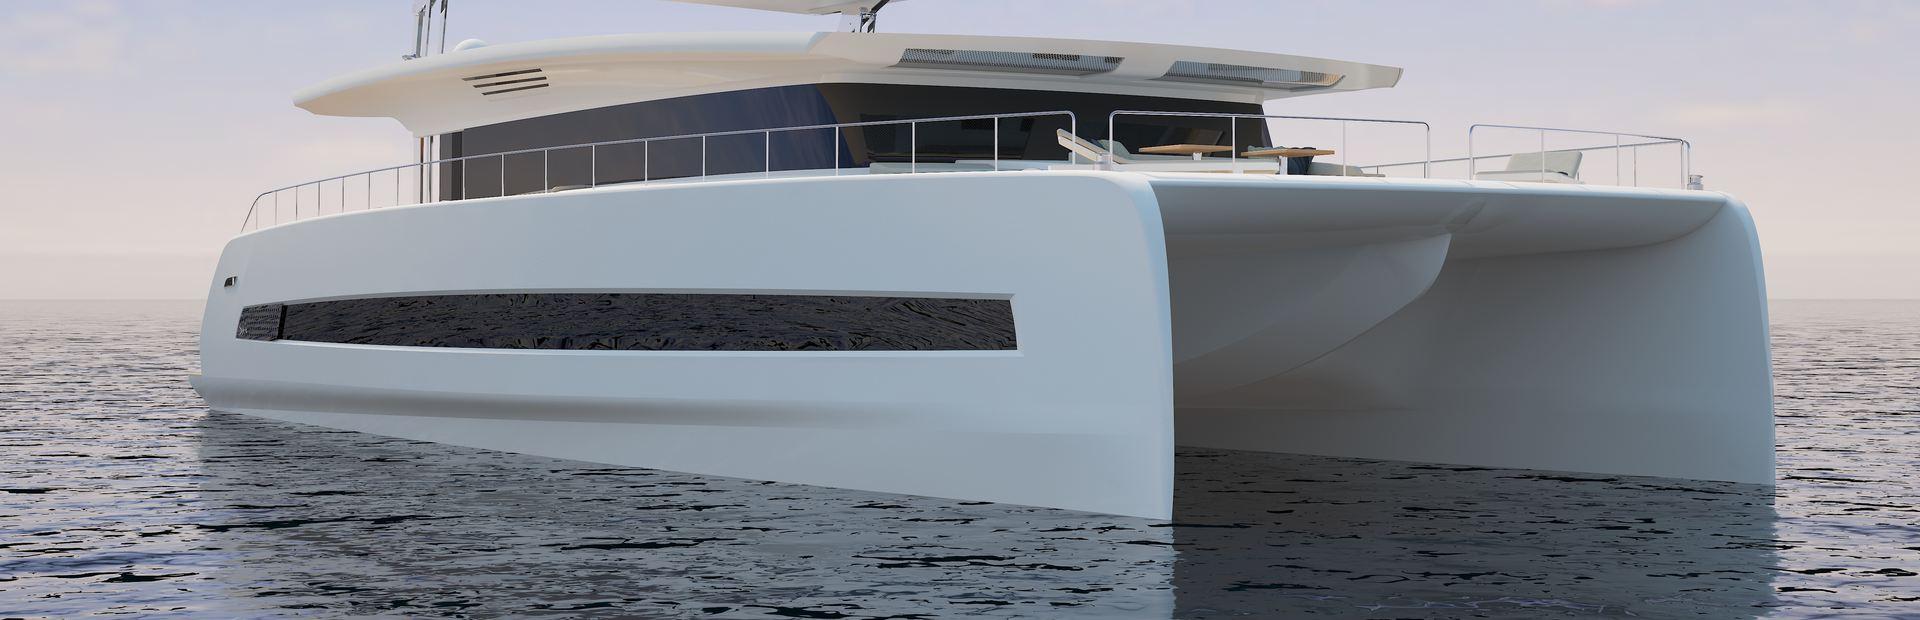 Silent 80 Yacht Charter